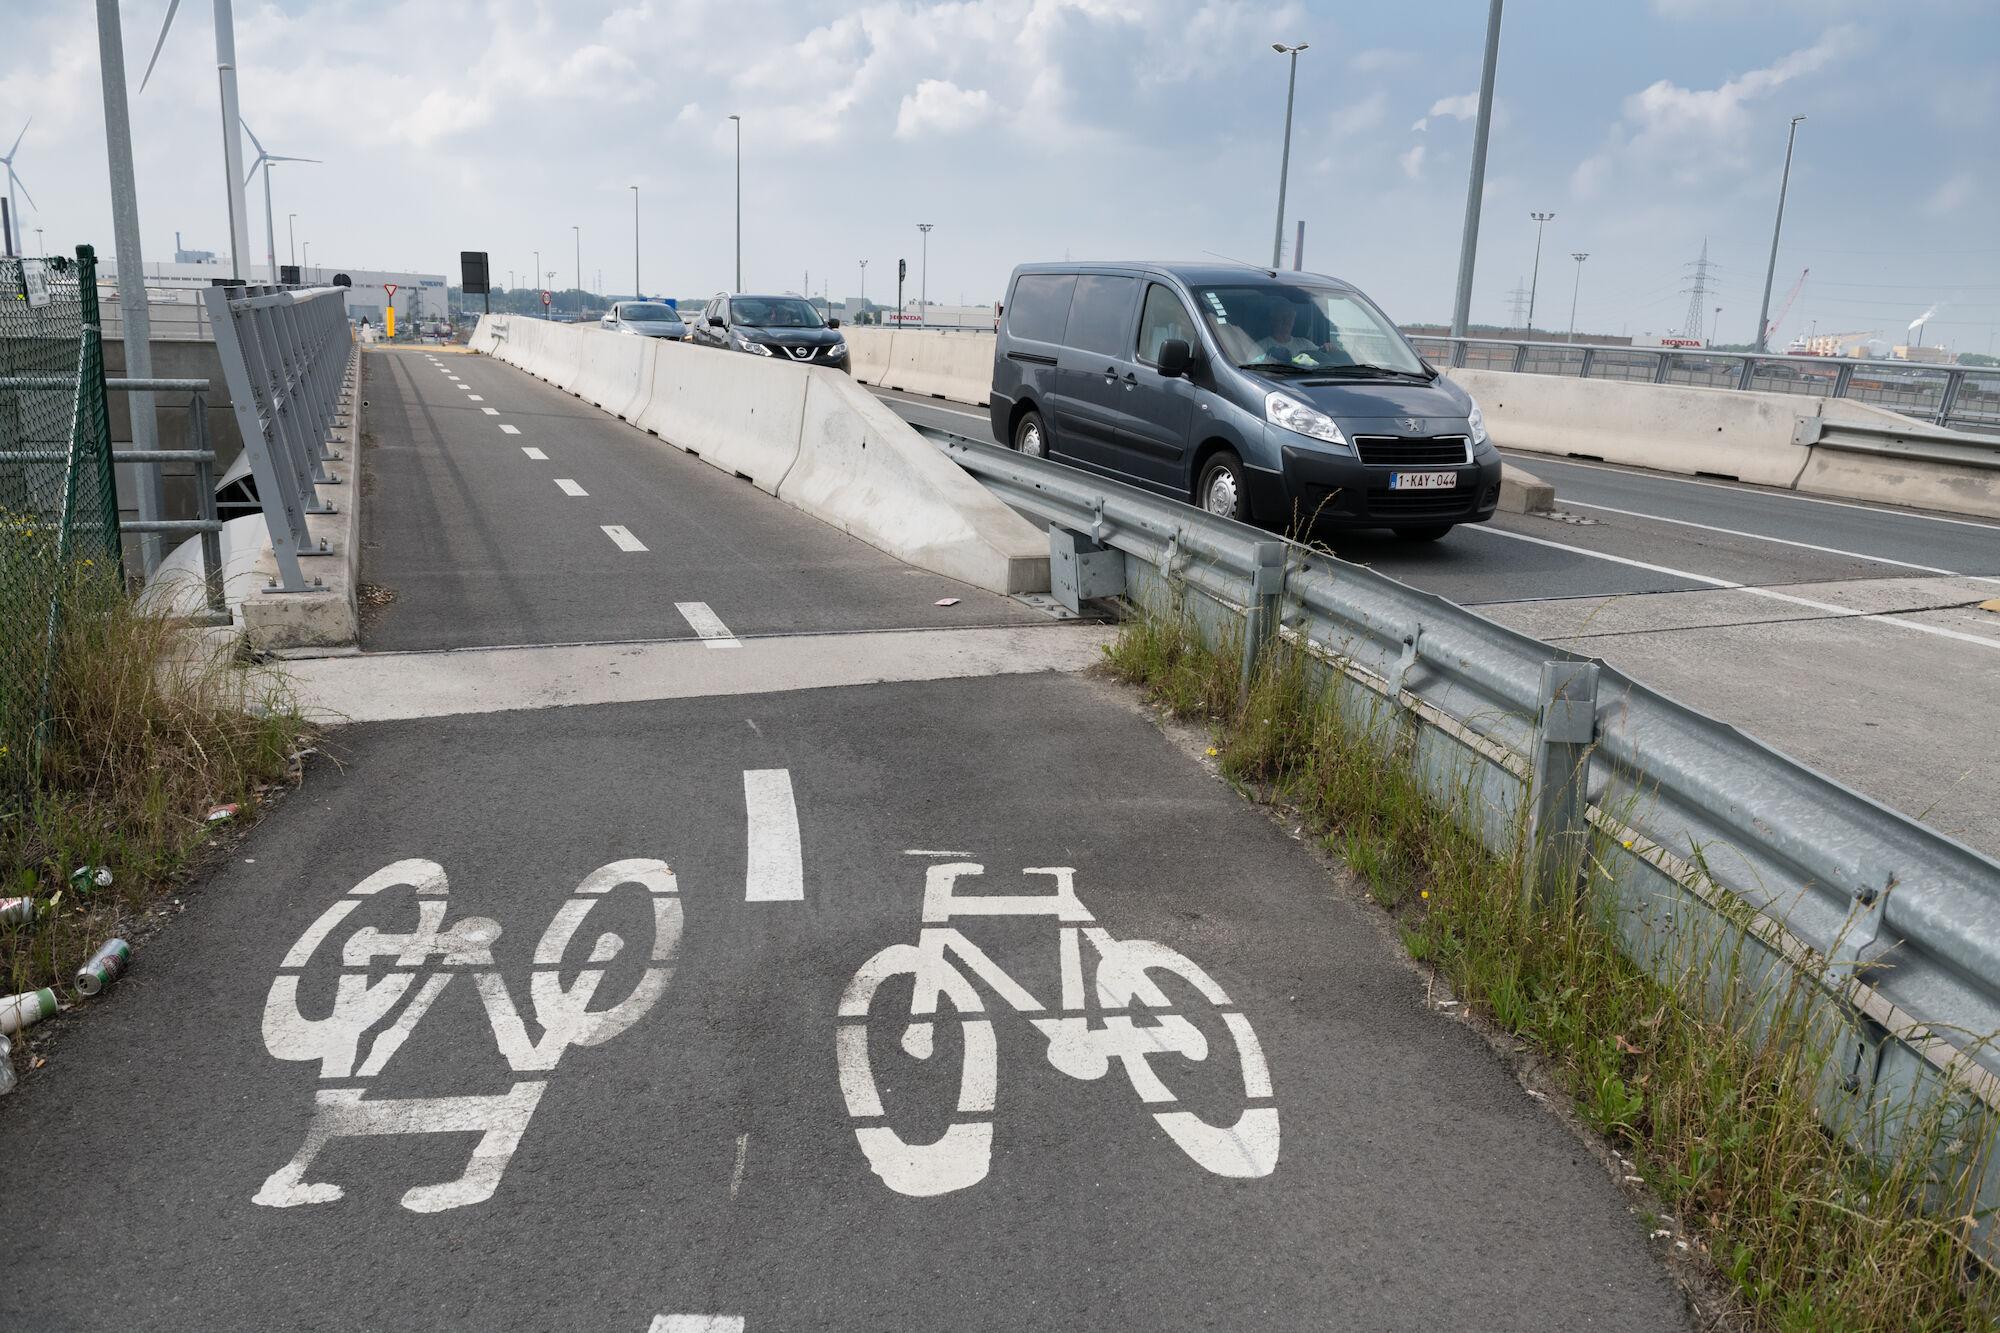 wisselaar kruispunt met fietsroutes Oostakker